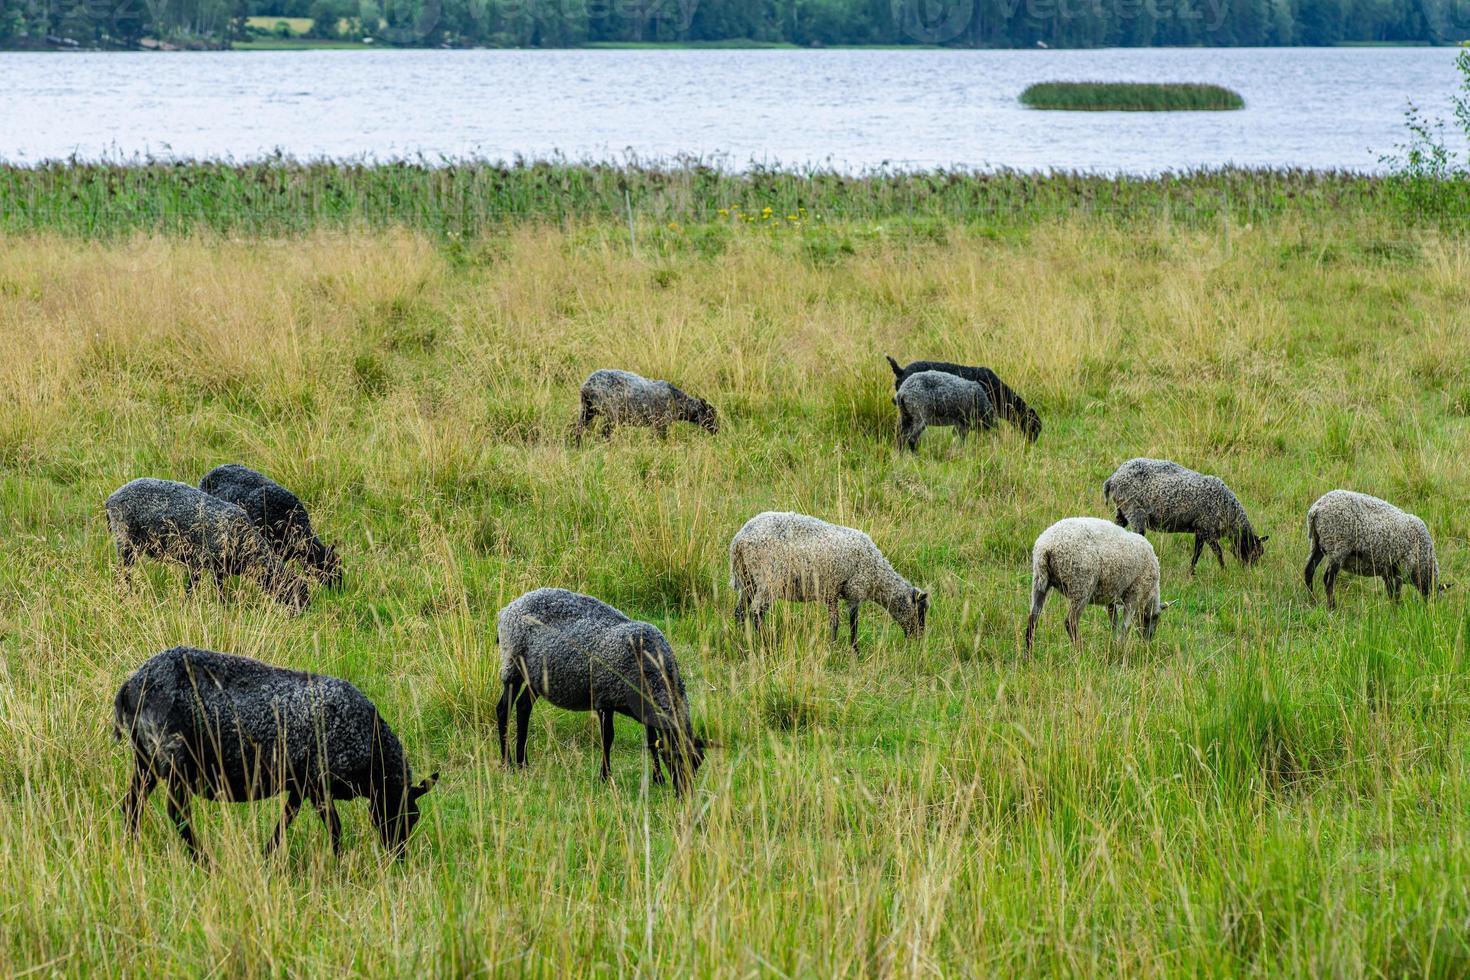 hoorde van schapen grazen in een groene wei foto